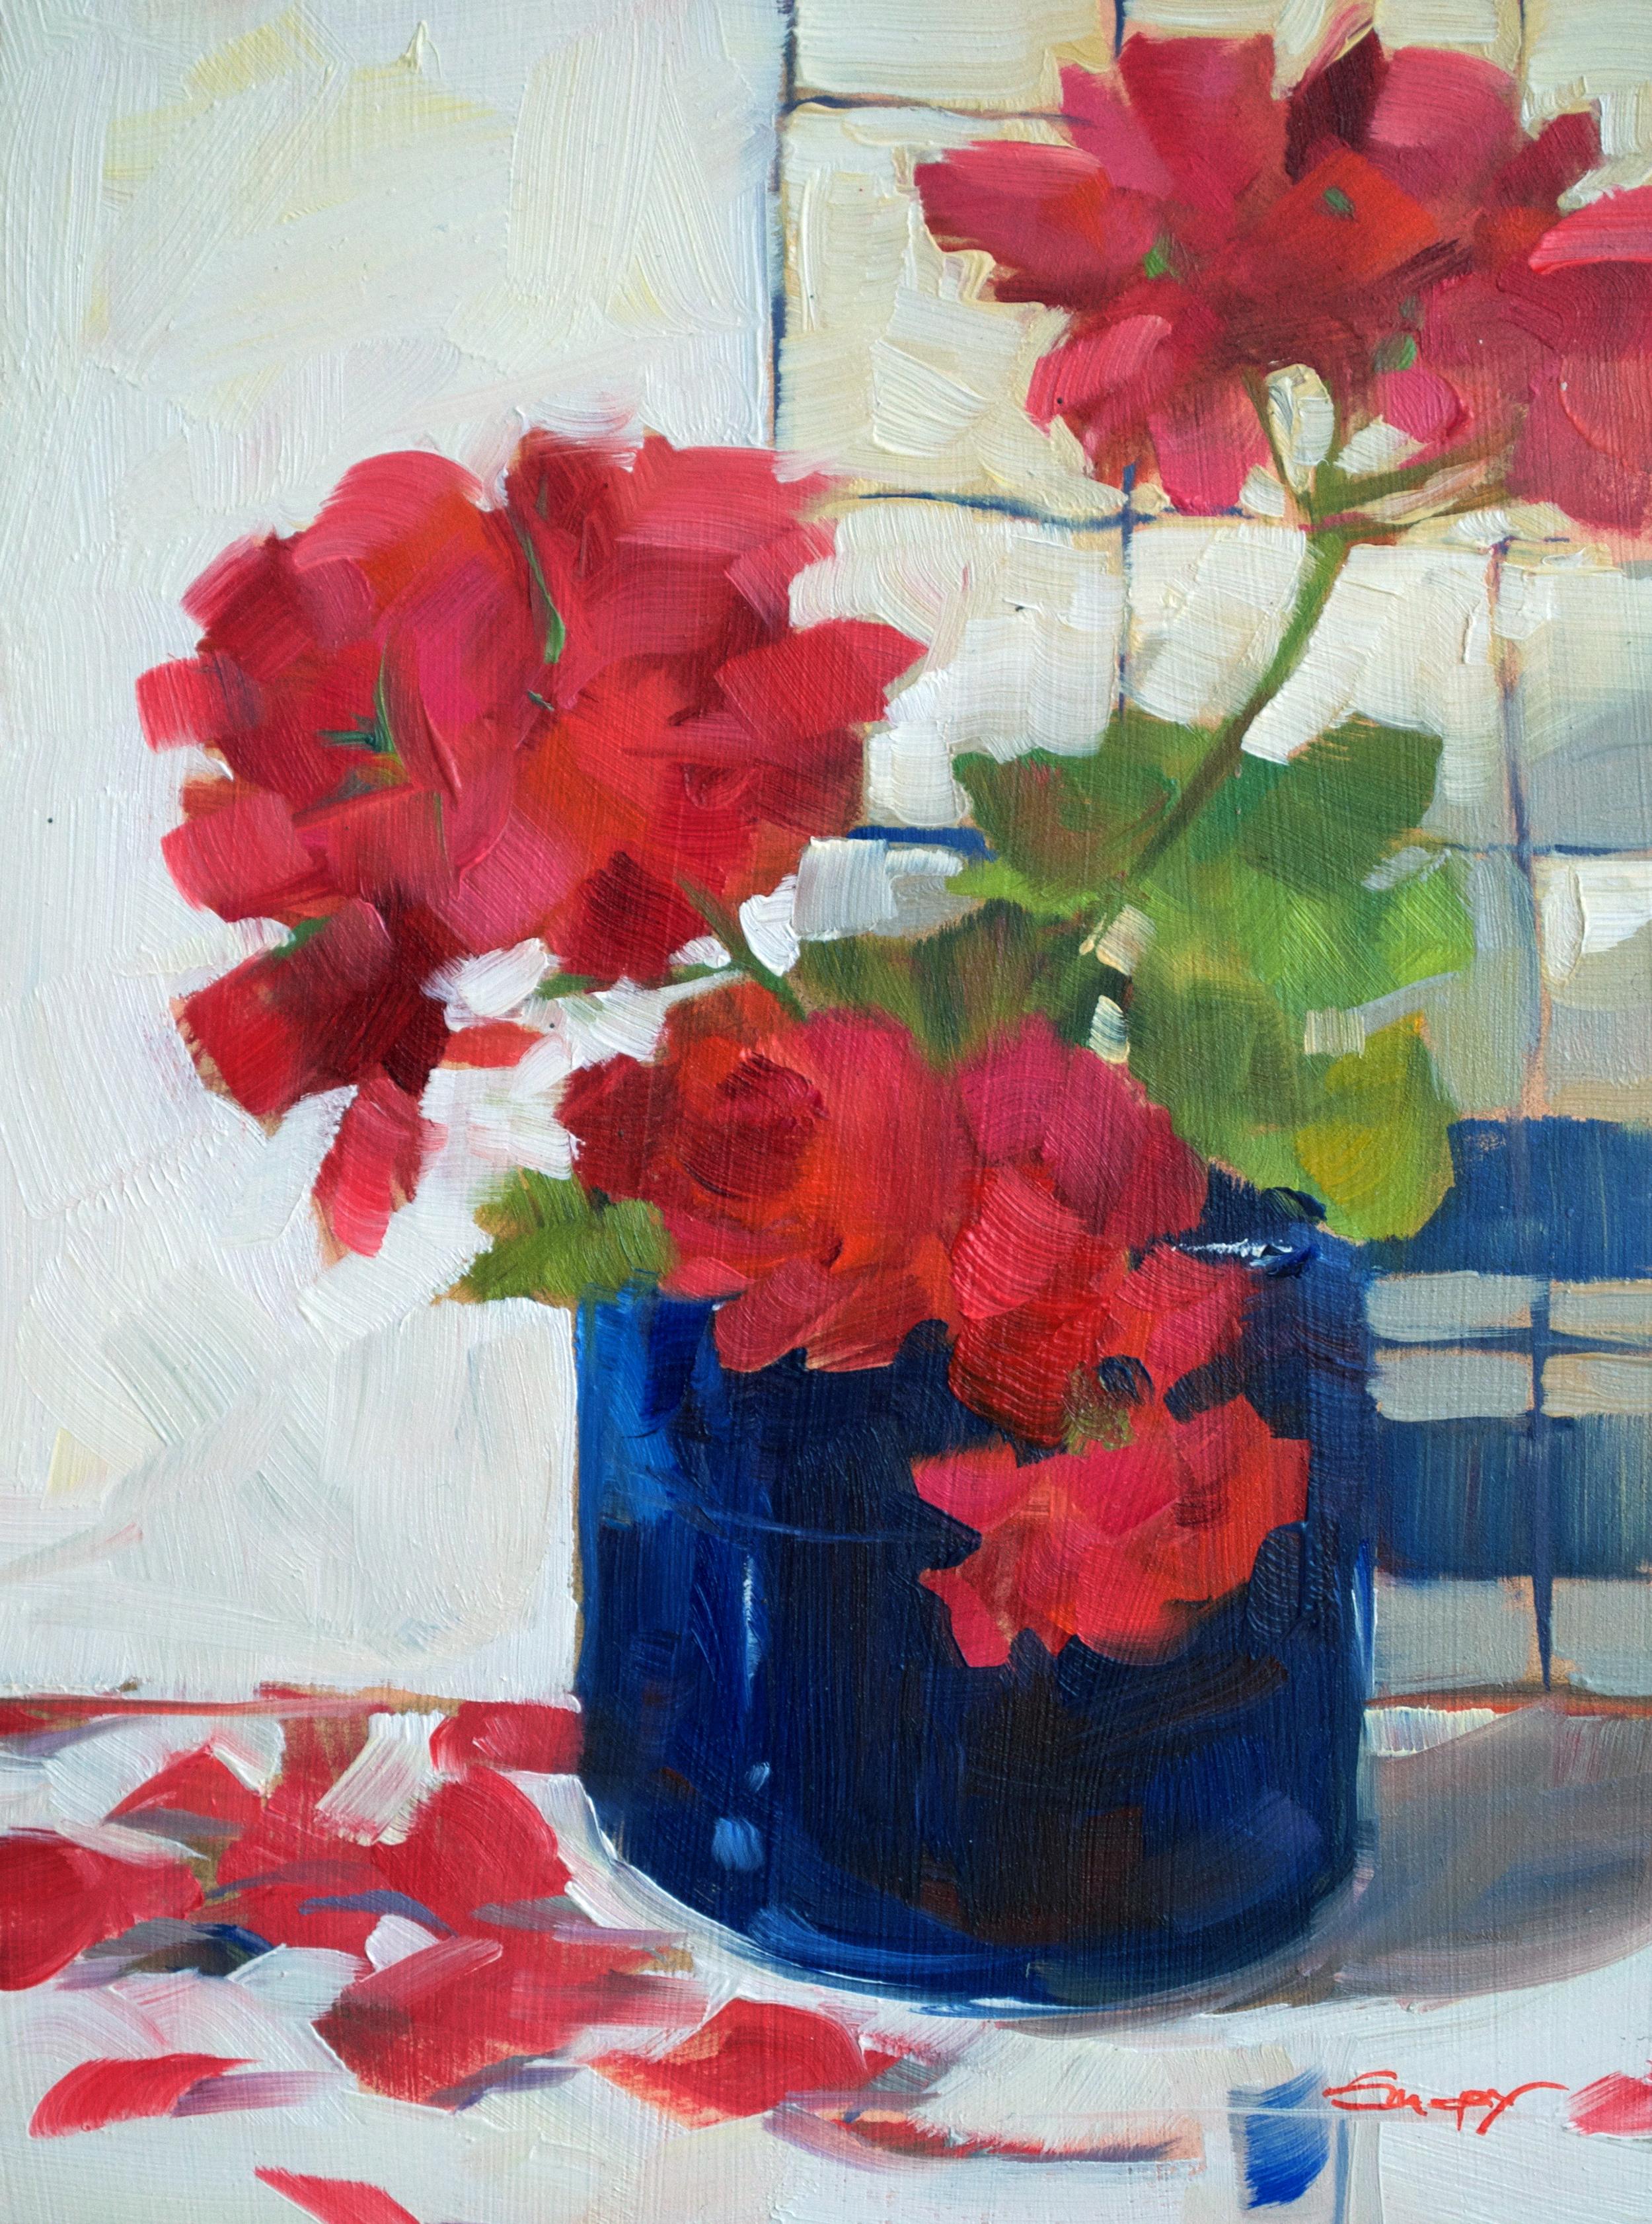 Red Geranium with Blue Vase